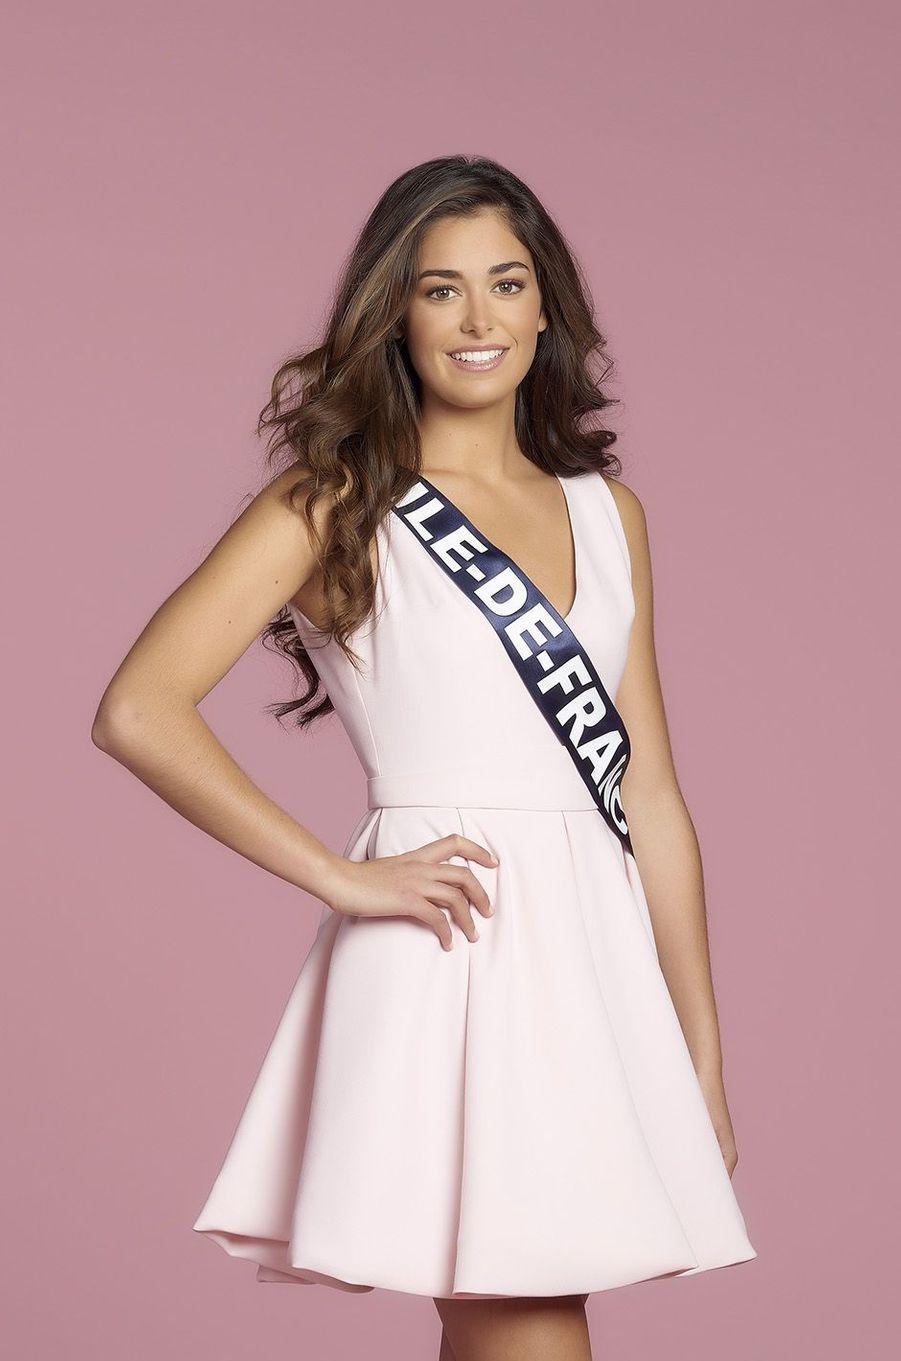 Lison Di Martino, Miss Ile-de-France.